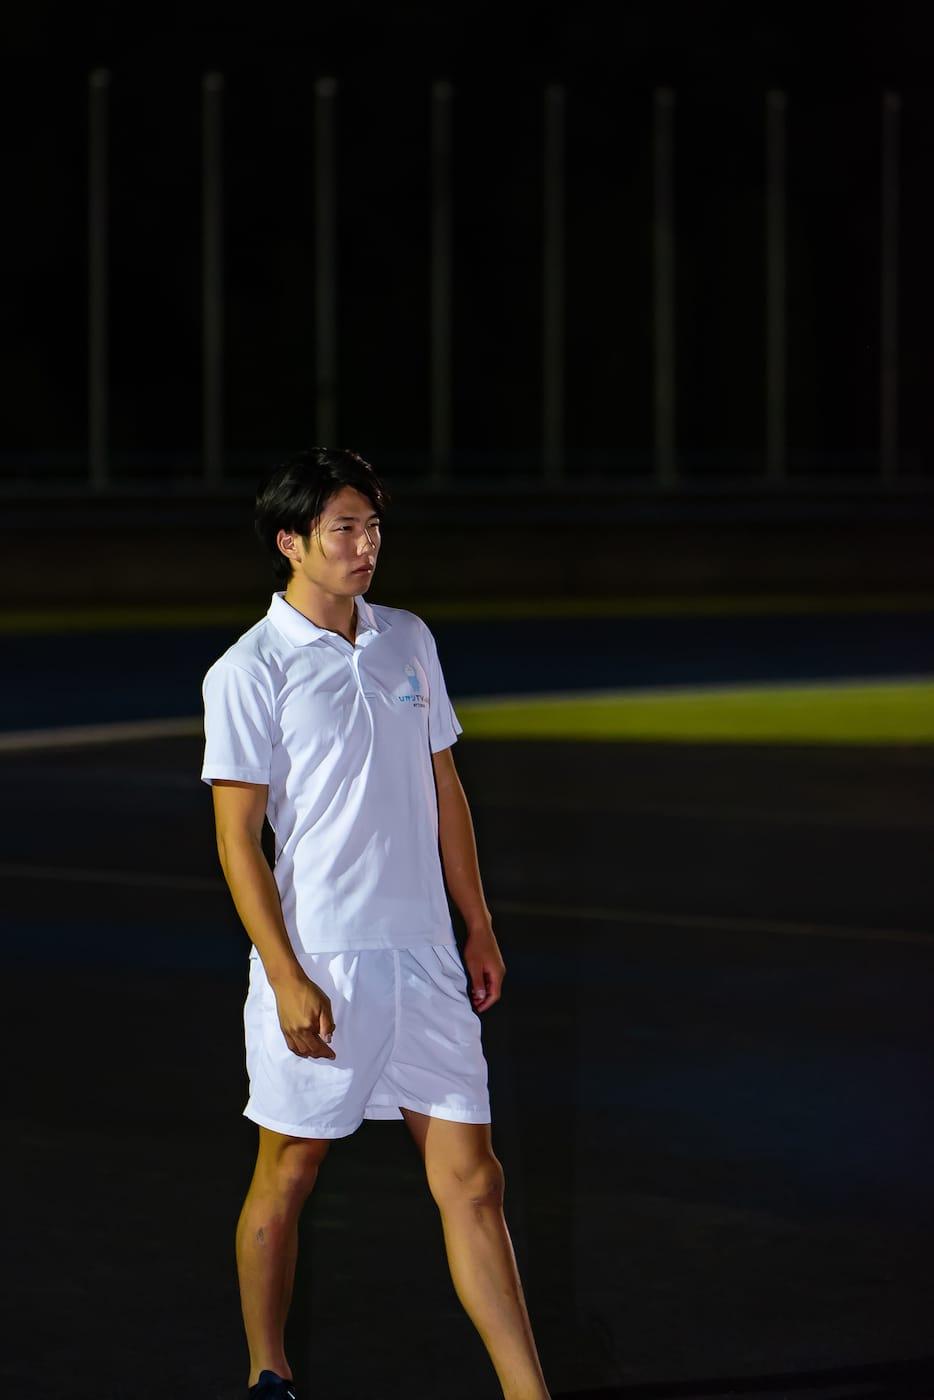 成田緑夢選手の写真